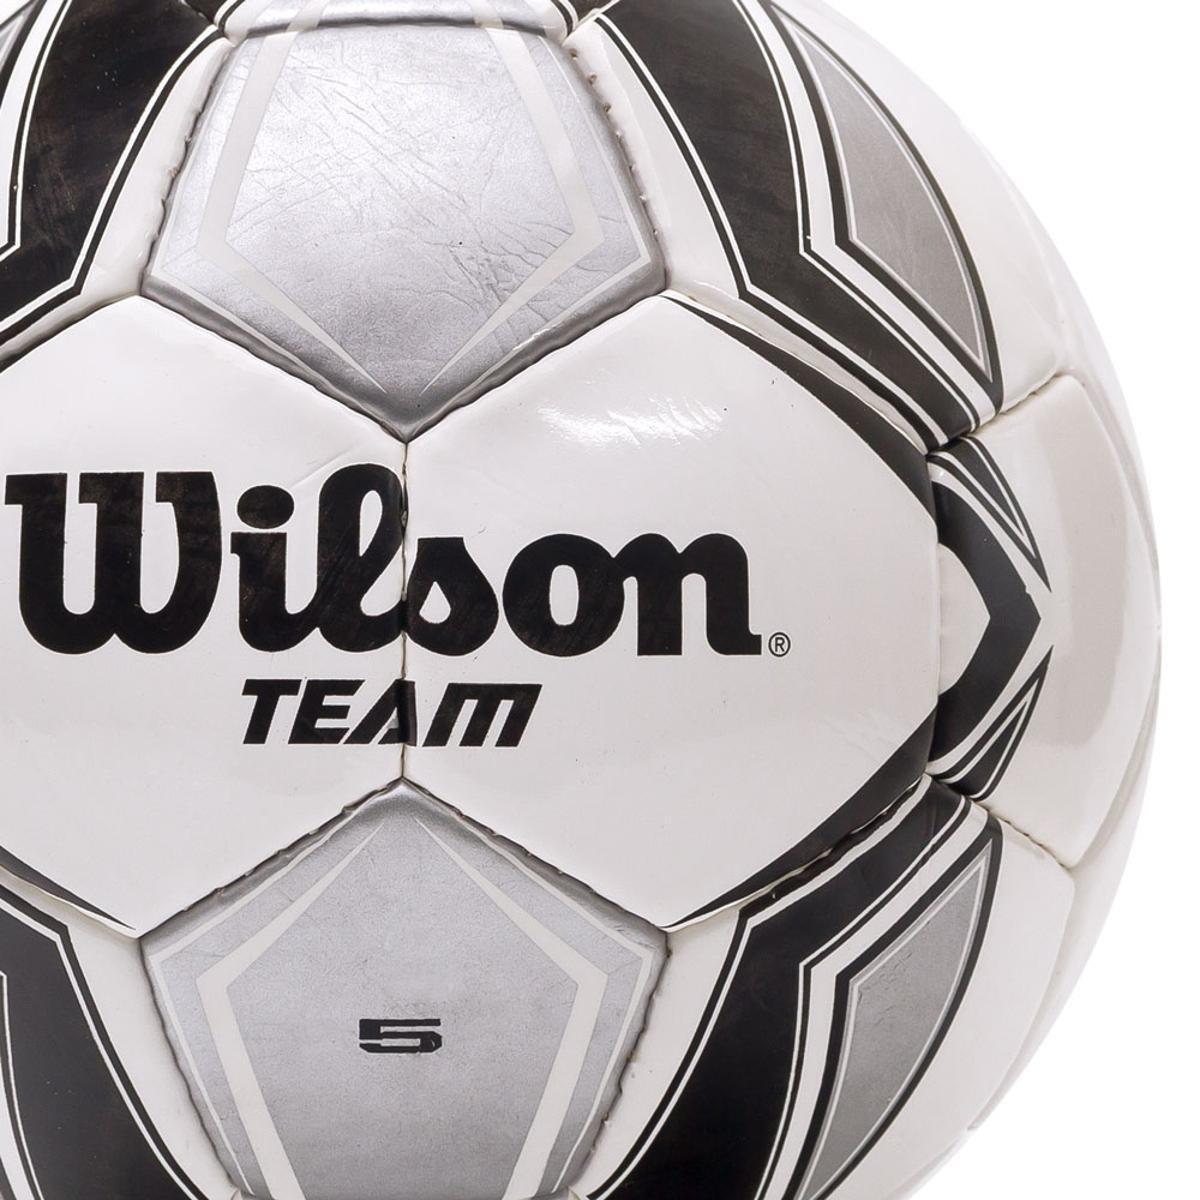 bcc24dd980 Bola Futebol Campo Wilson Team - Preto e Prata - Compre Agora